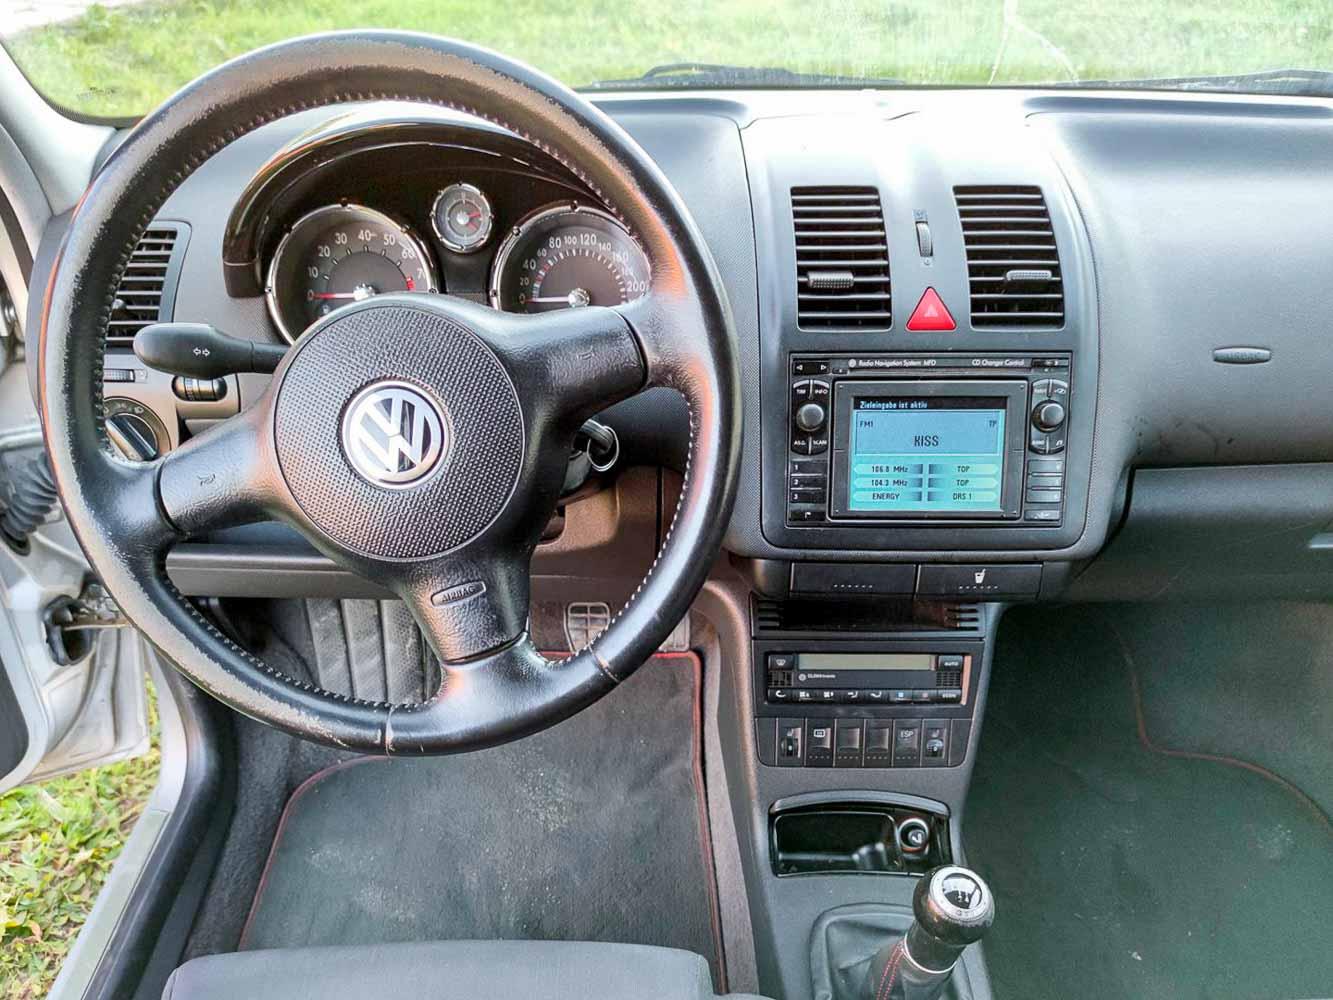 VW Polo GTi 1.6 16v interiér